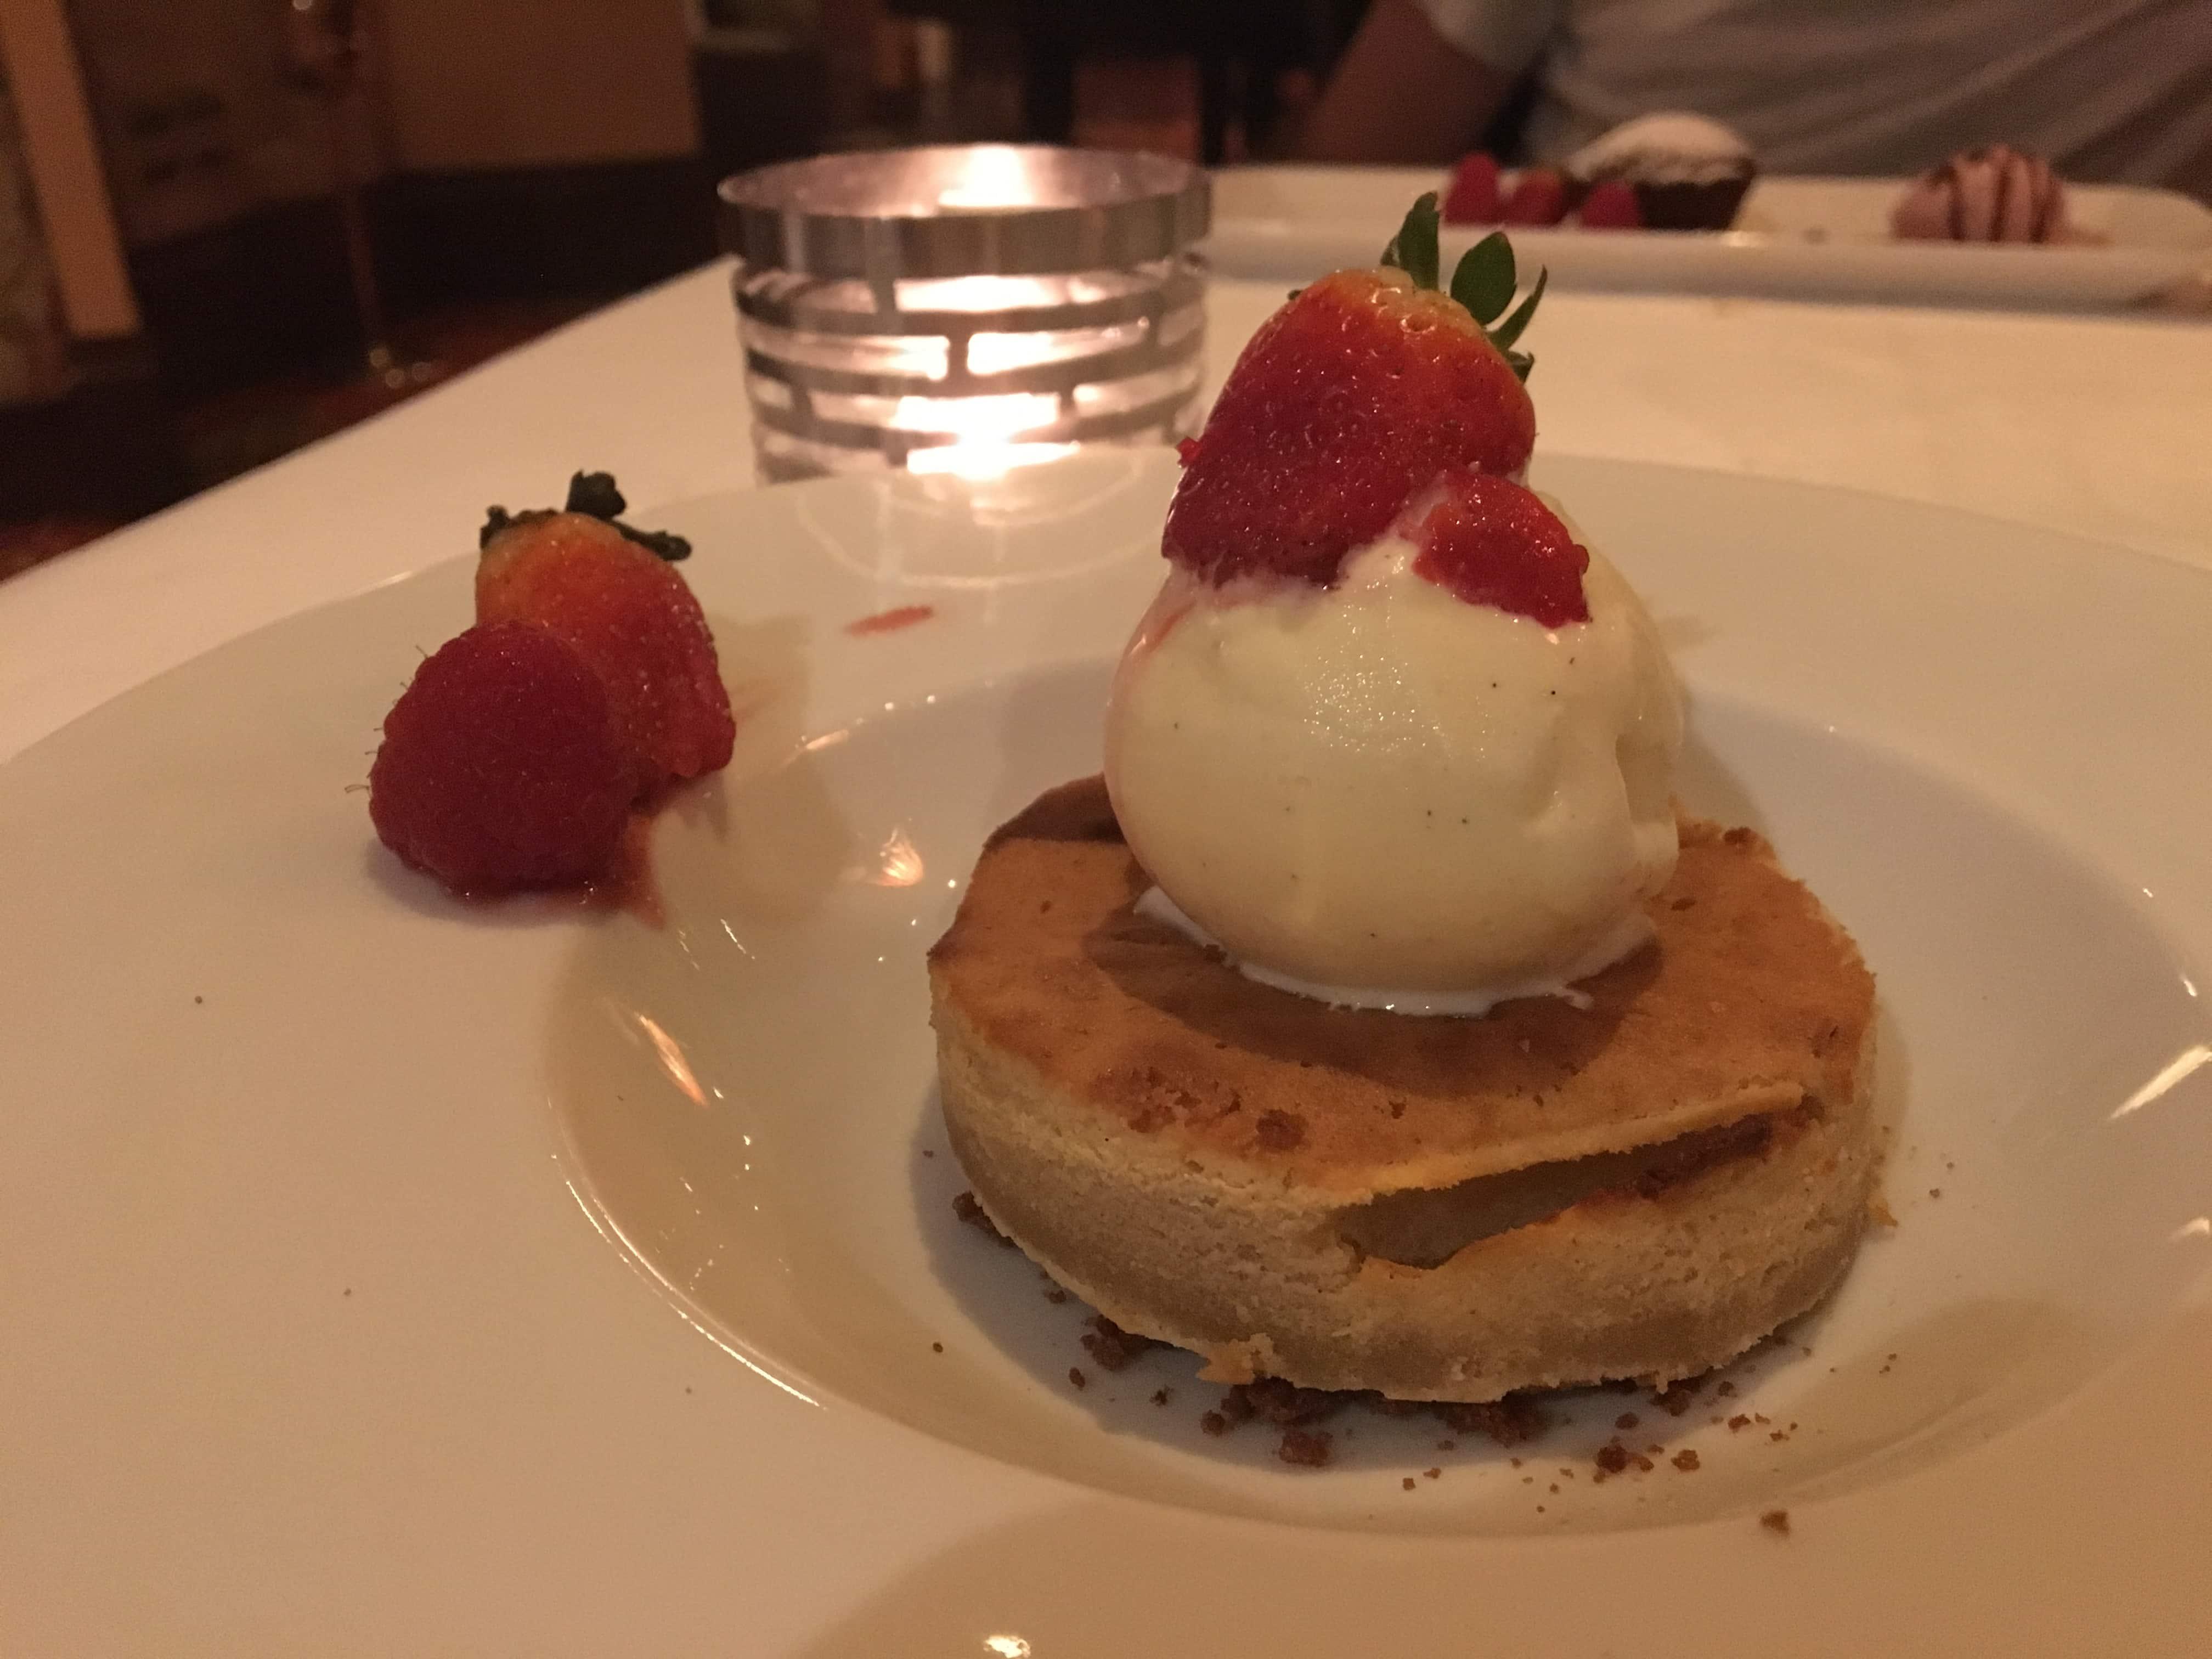 Strawberries with vanilla ice-cream, amazing Kuala Lumpur experience